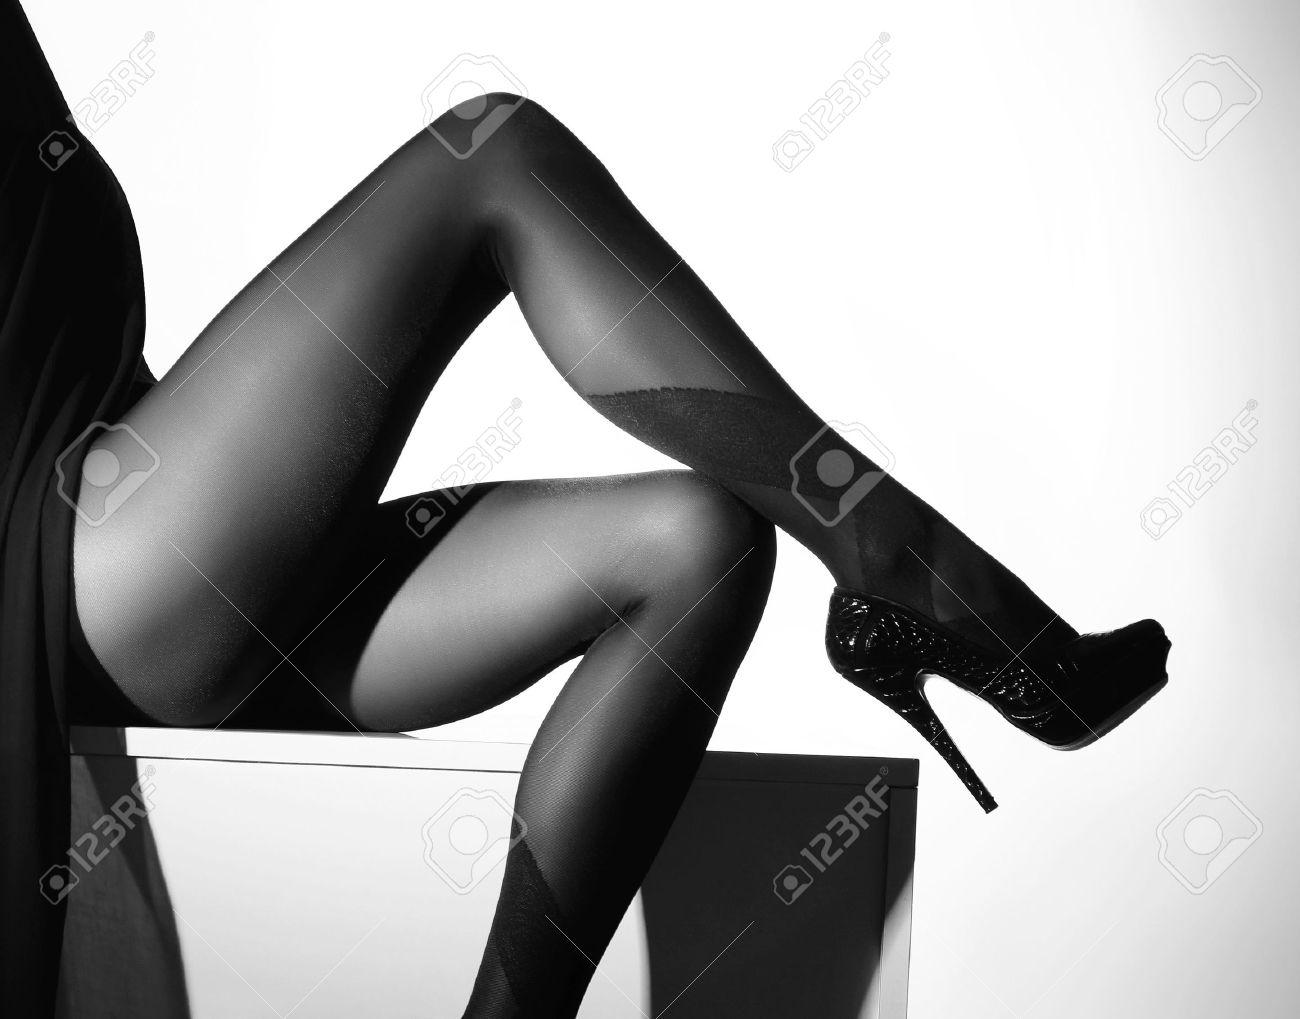 Фото женской ступни в чёрных чулках 10 фотография